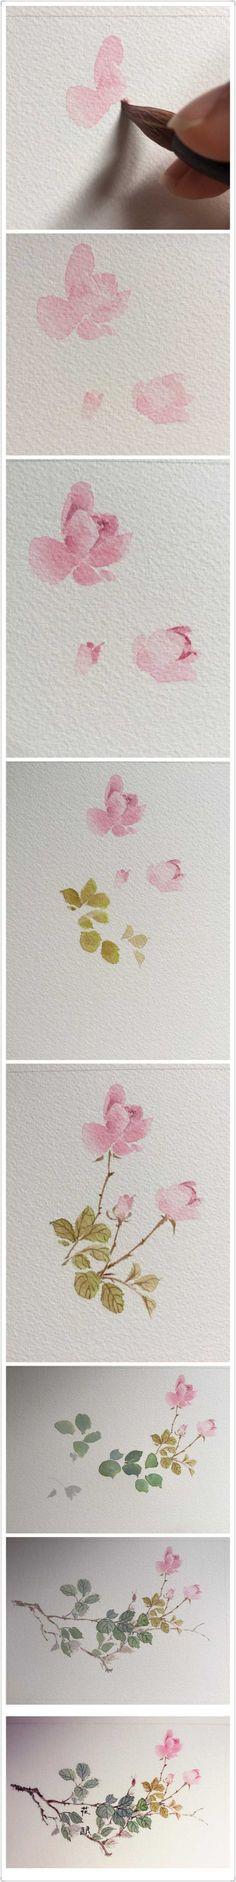 Watercolor art: Roses